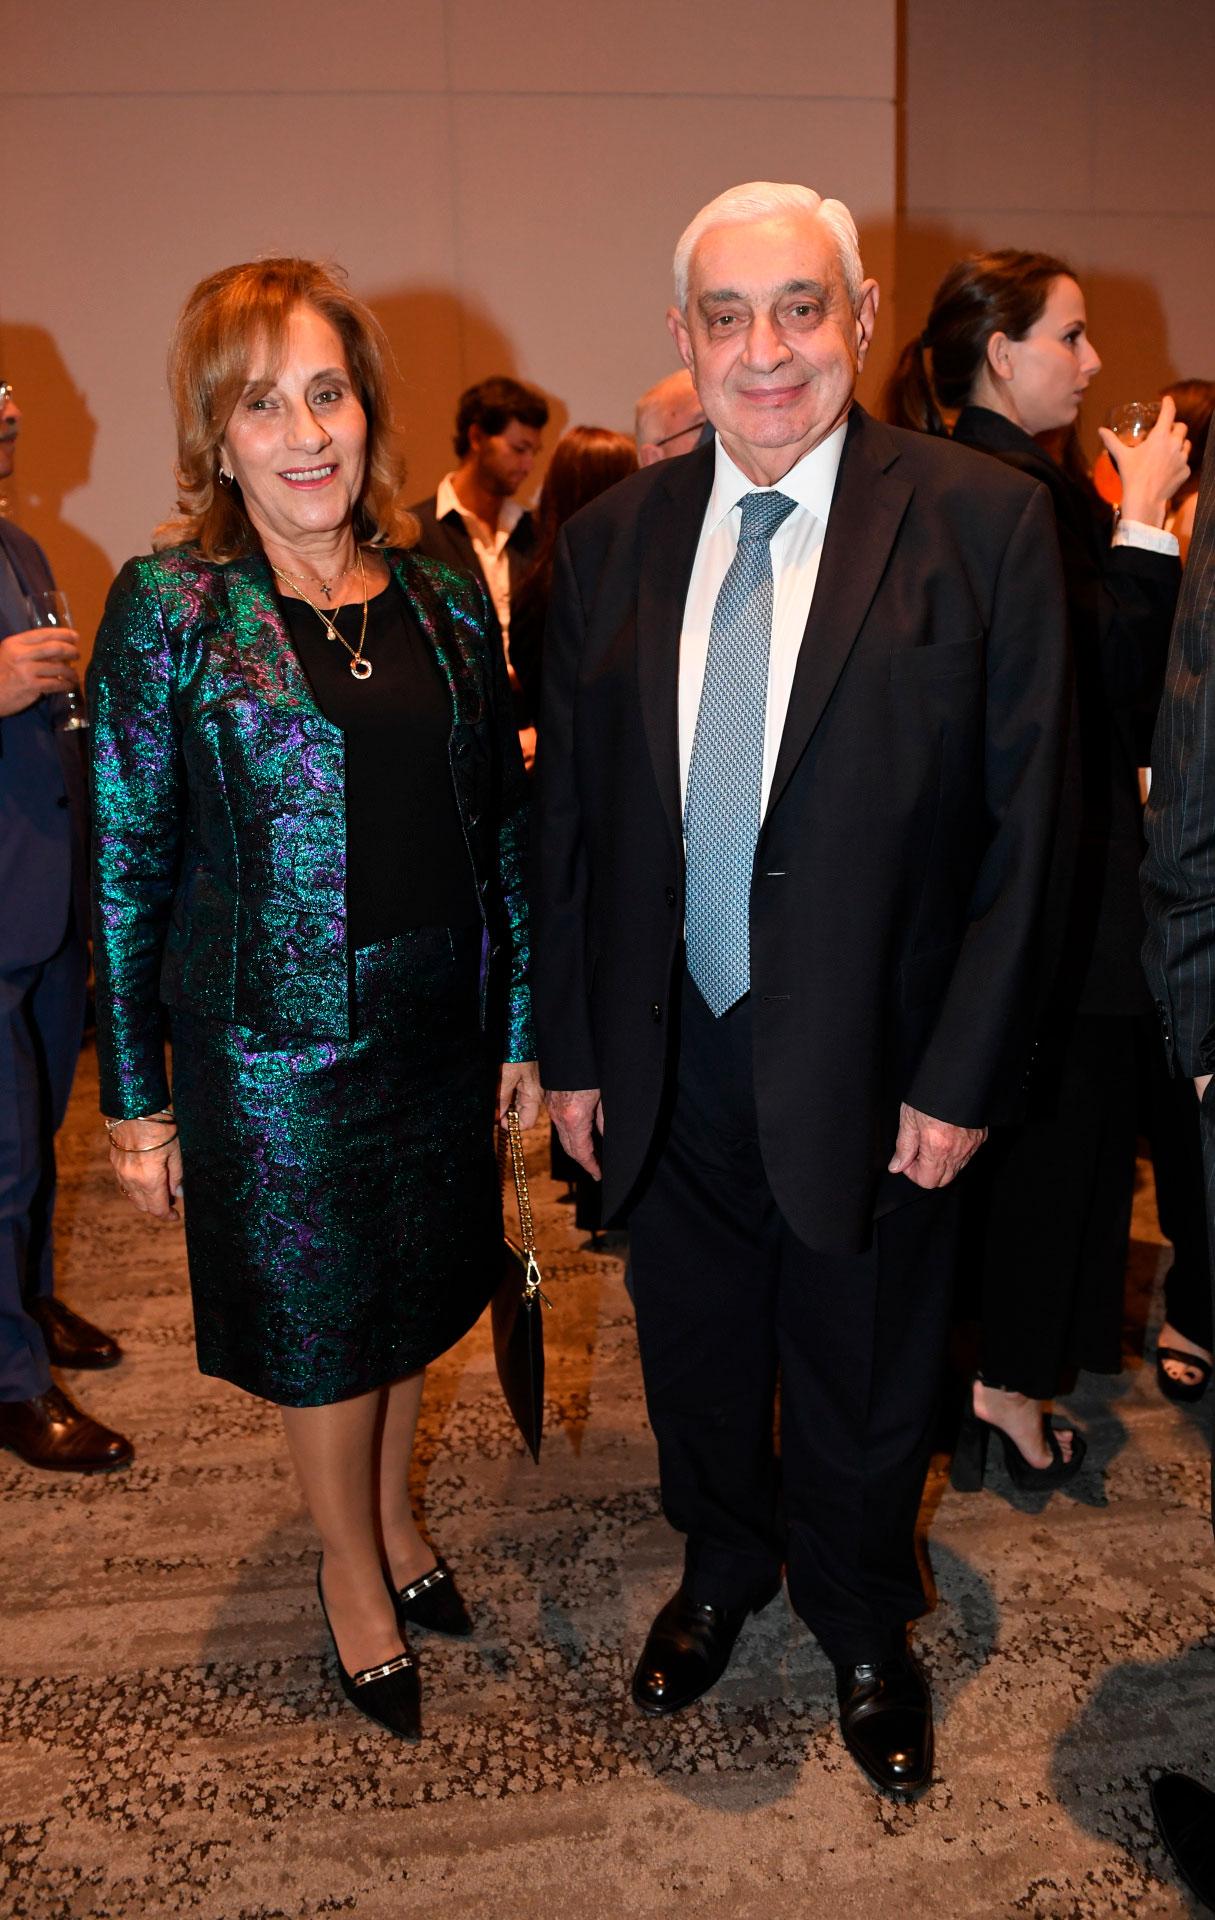 Adelmo Gabbi, presidente de la Bolsa de Comercio, y su mujer